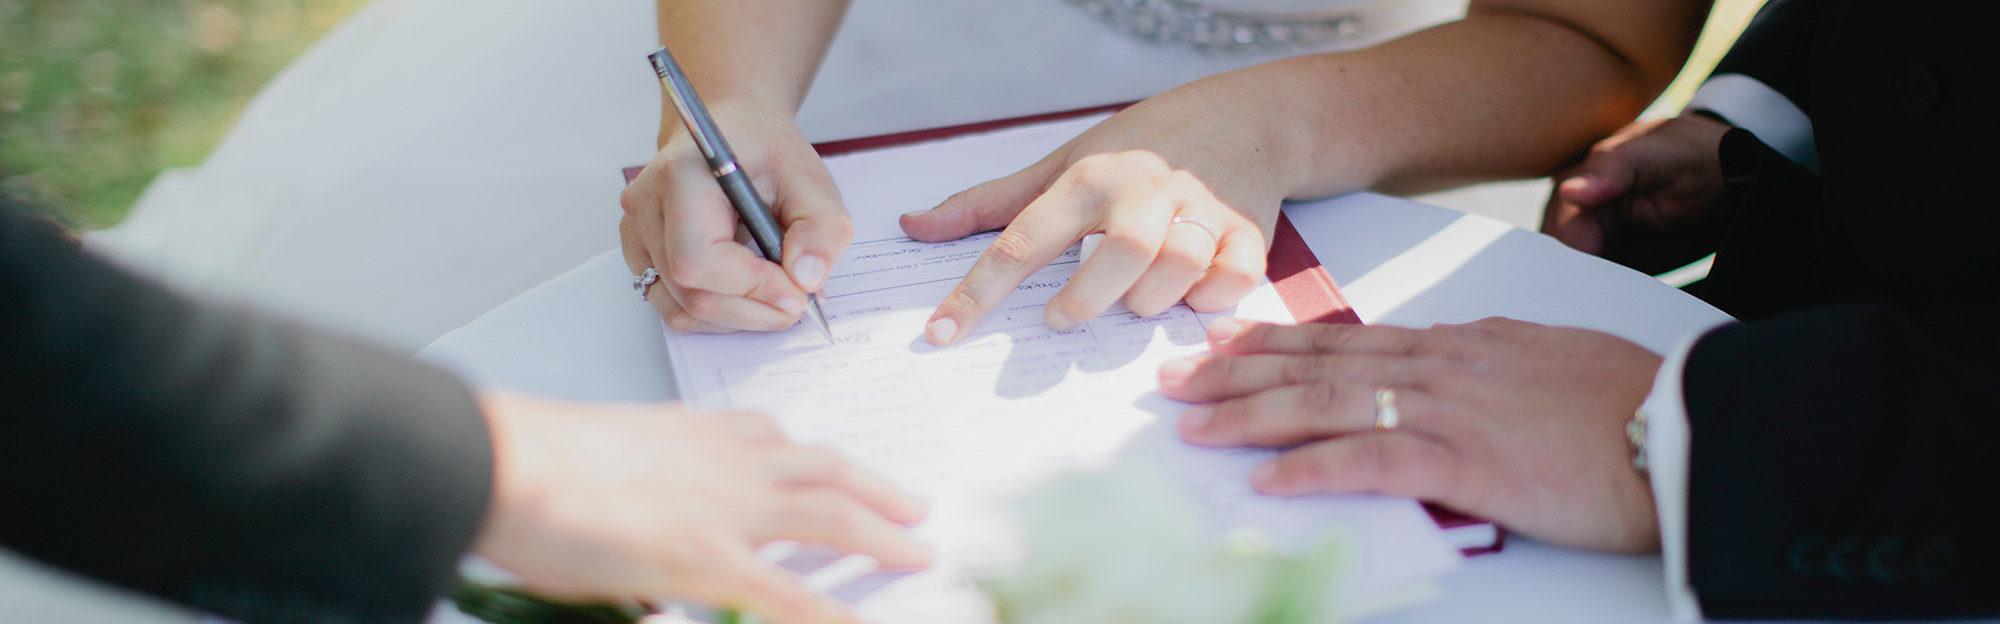 contrat-de-mariage_249144_wide